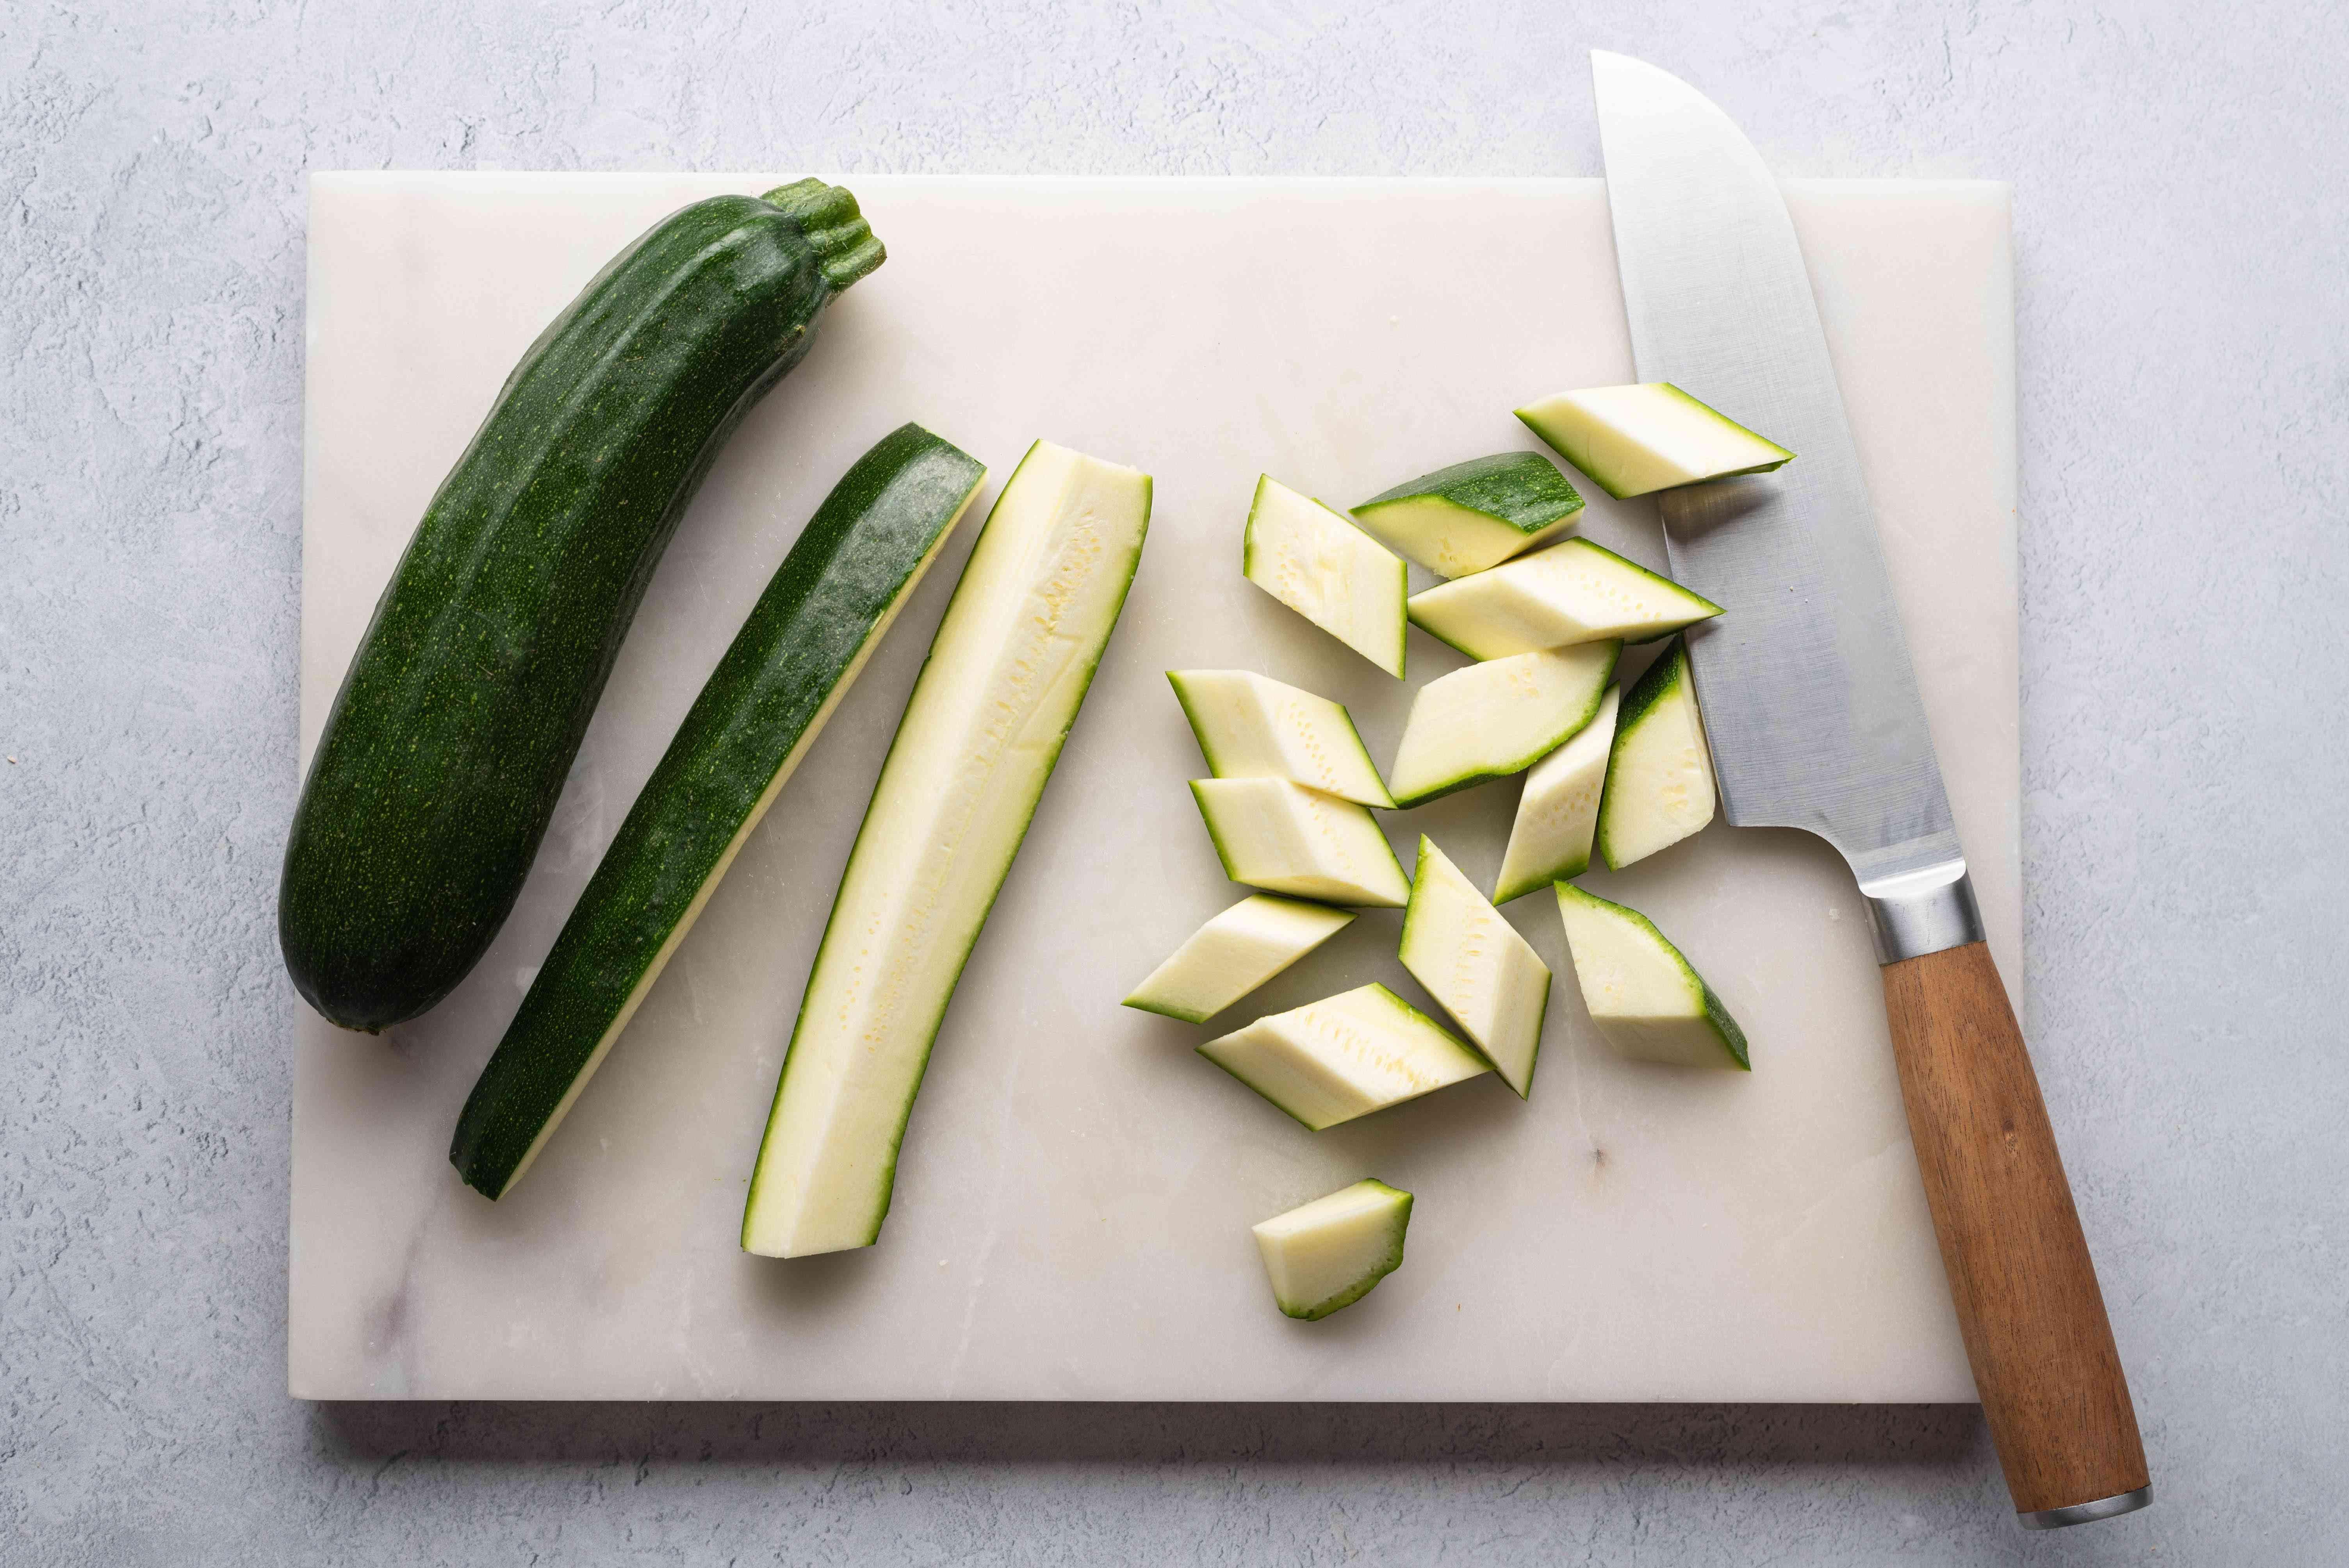 Zucchini cut into pieces